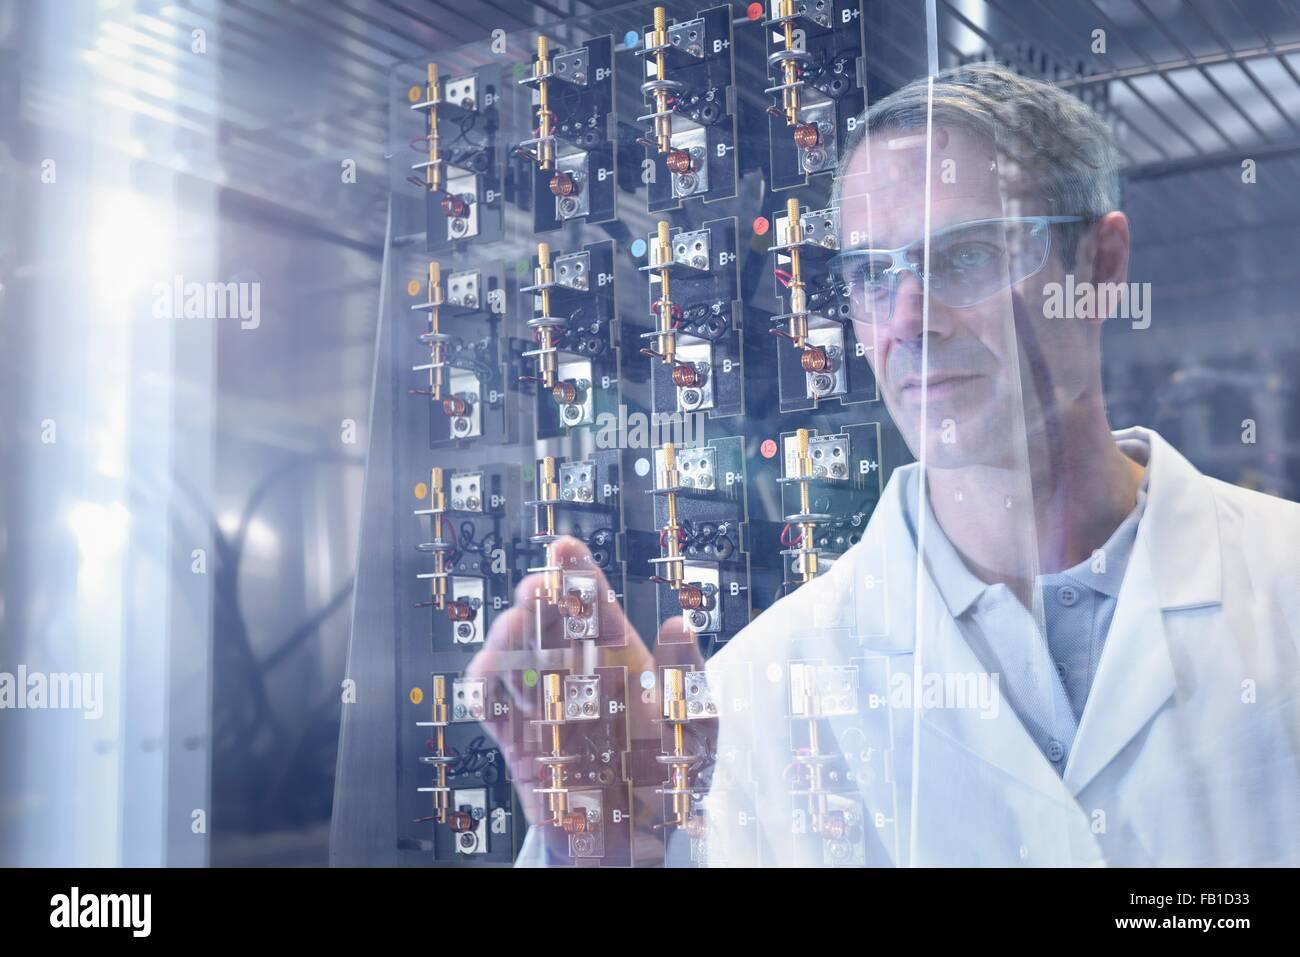 Wissenschaftler, die Prüfung Test-Lithium-Ionen-Batterien in Wärmekammer in Batterie-Forschungseinrichtung Stockfoto